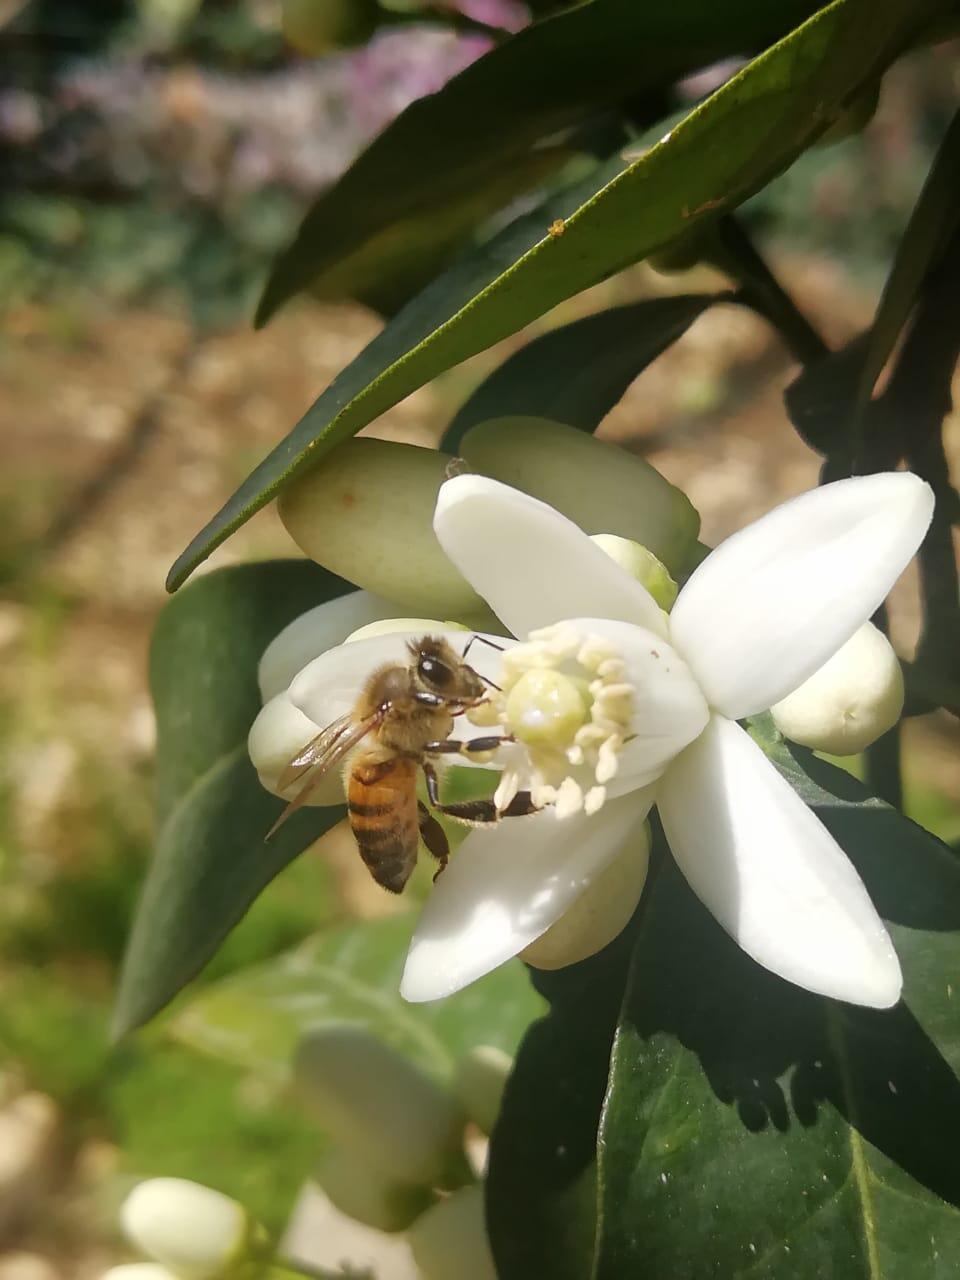 مصلحة الابحاث العلمية الزراعية: لعدم رش المبيدات الحشرية مع تفتح ازهار الحمضيات